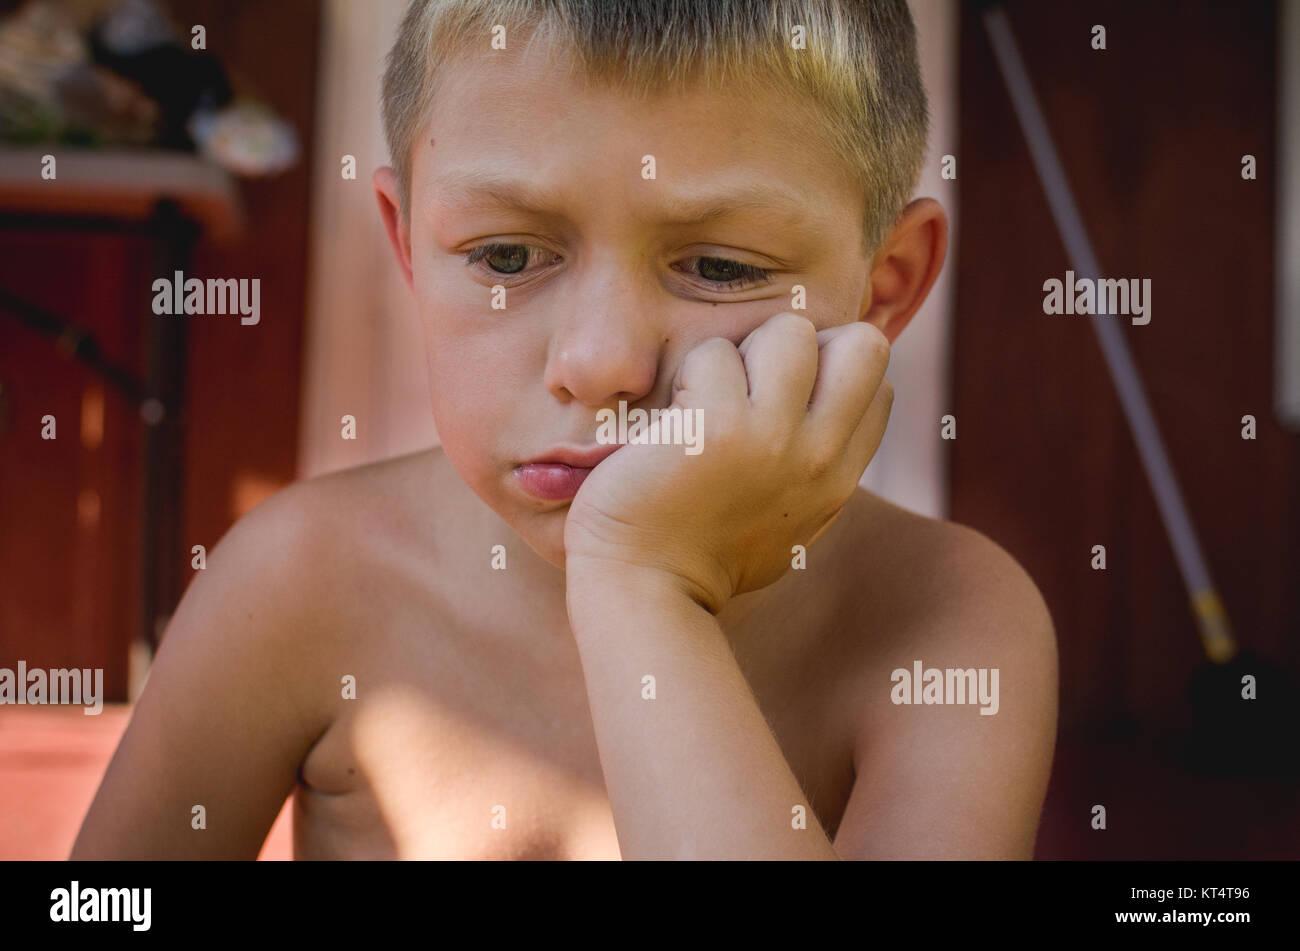 Un giovane ragazzo che guarda triste. Immagini Stock